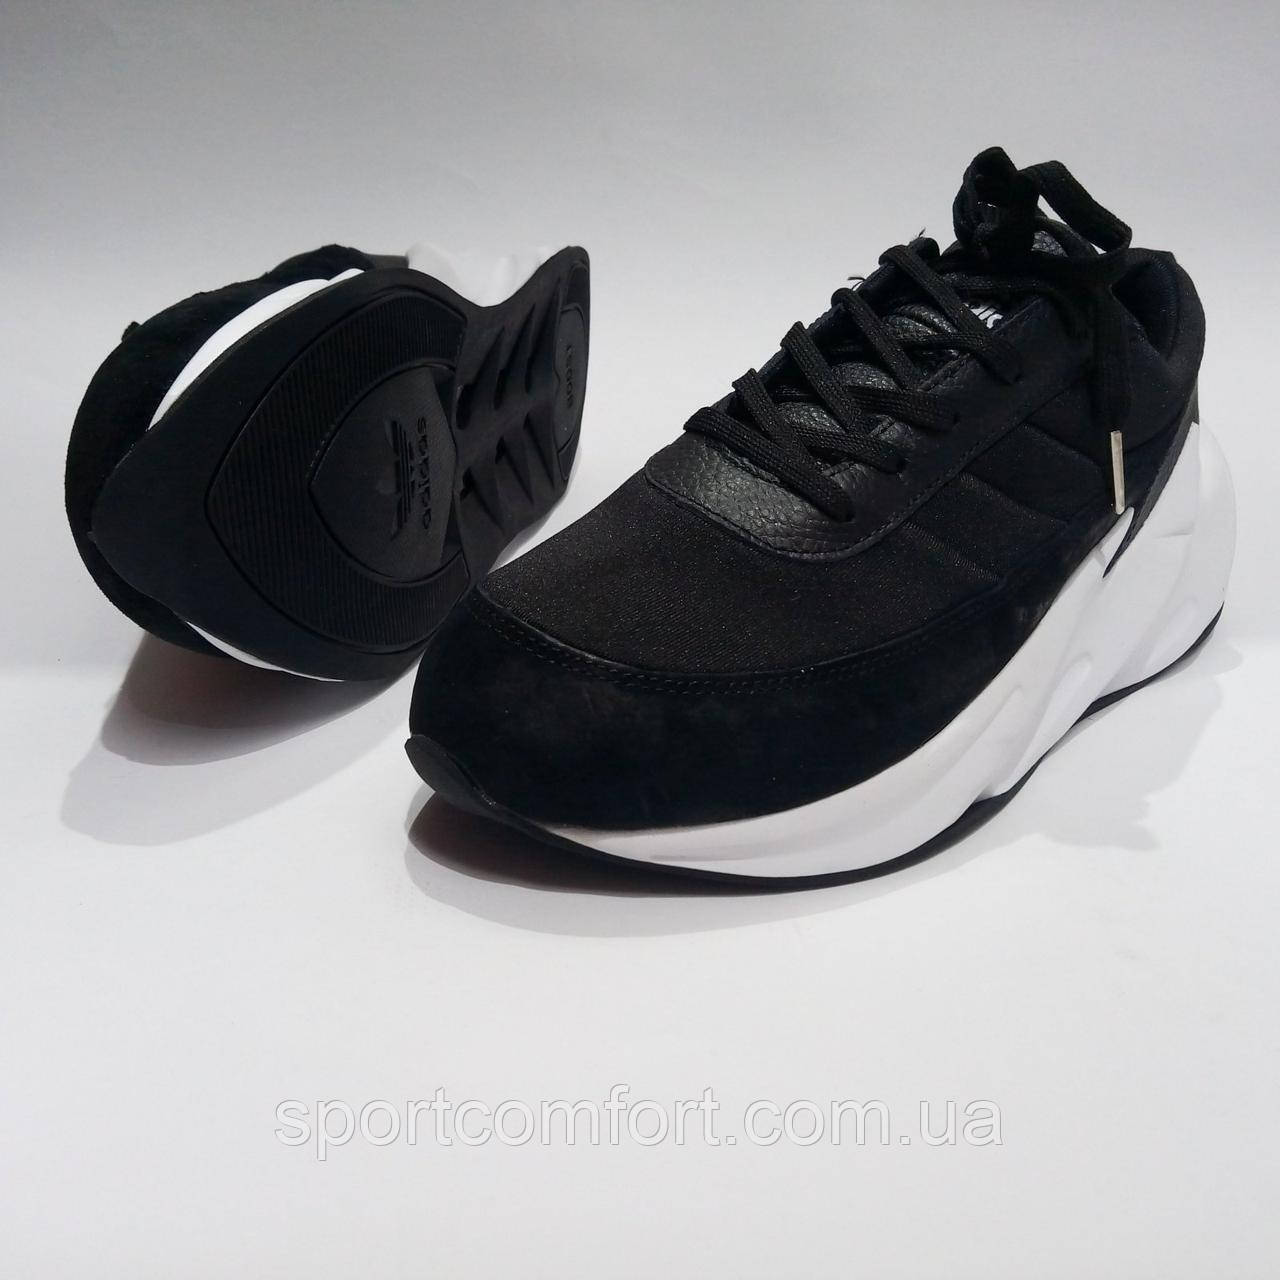 Кросівки adidas чорні з білим